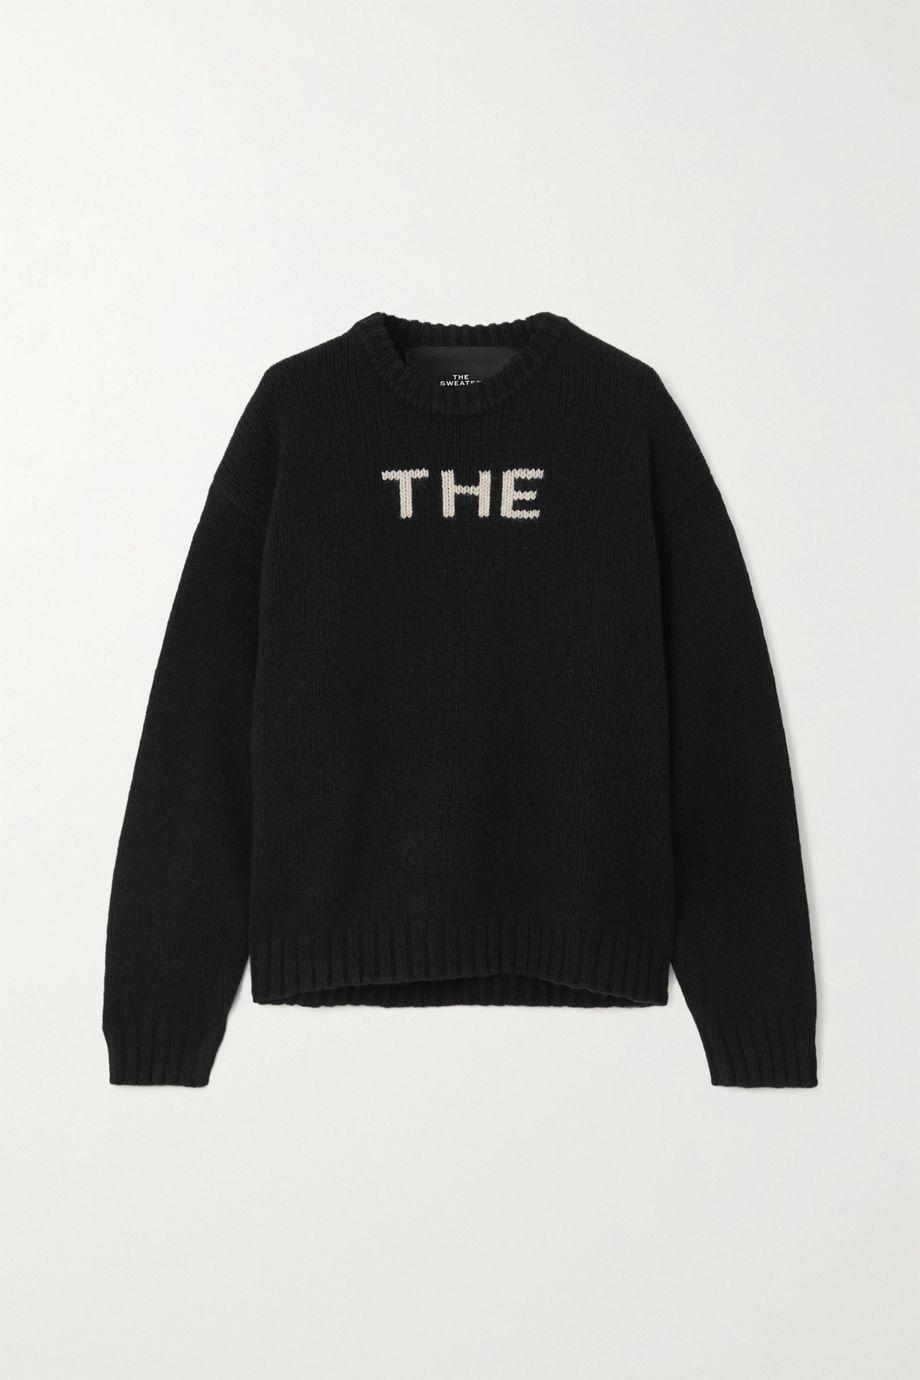 THE Marc Jacobs Pullover aus Jacquard-Strick aus einer Wollmischung